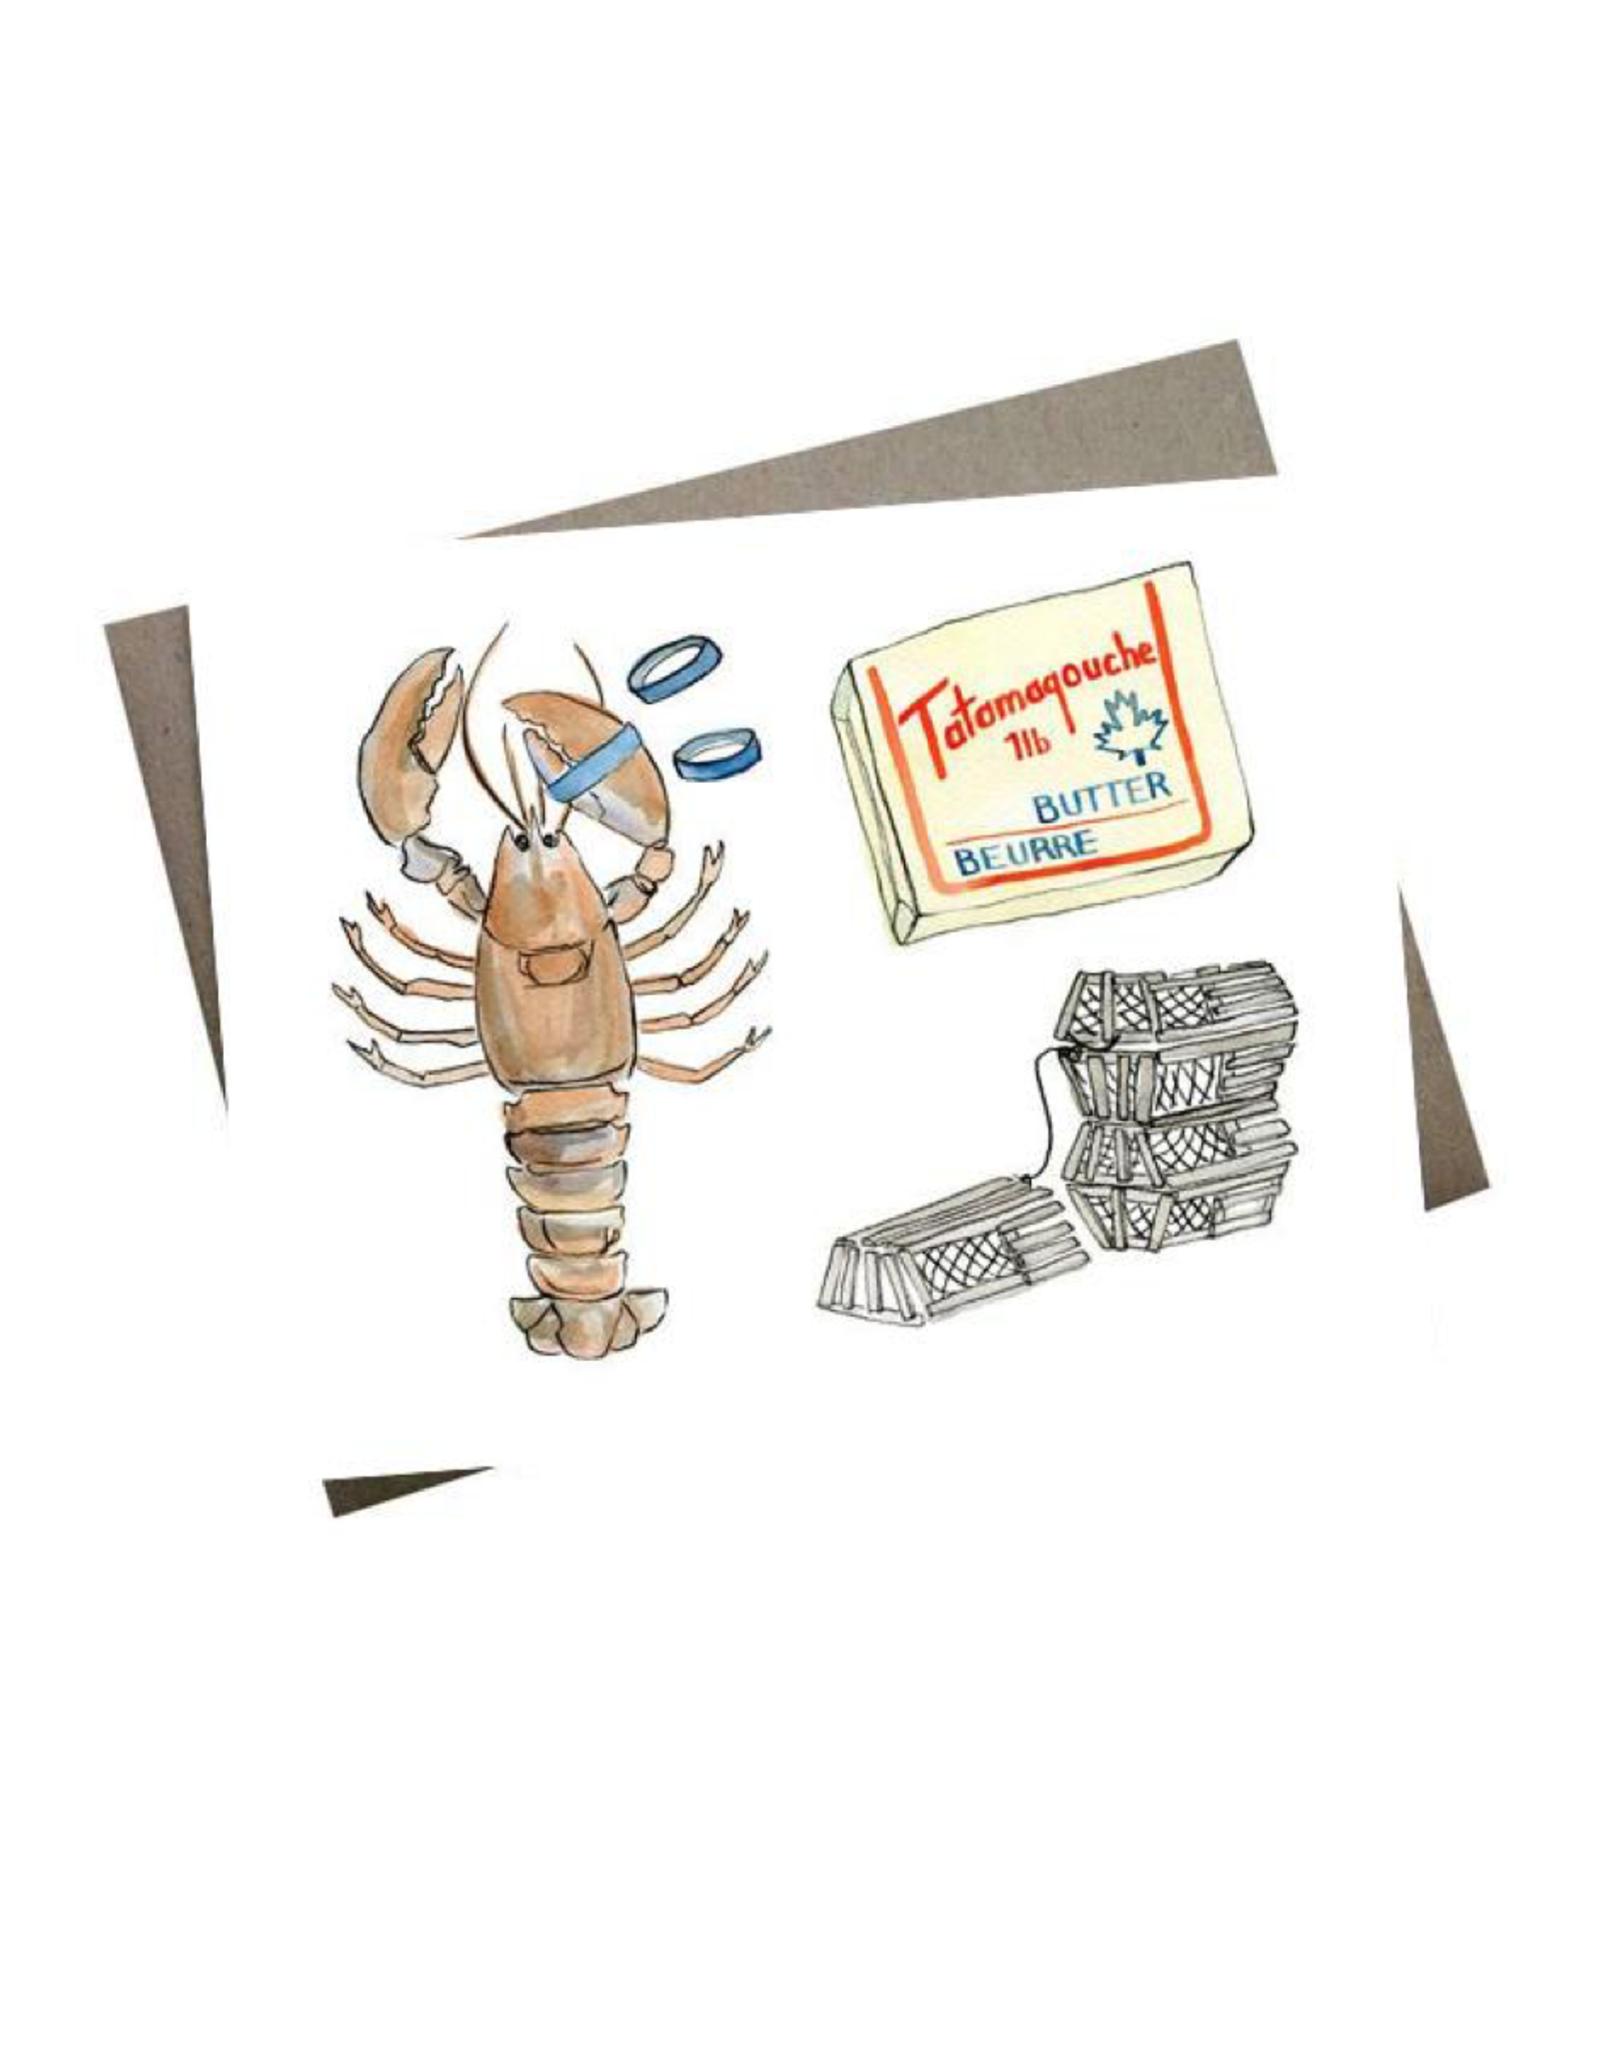 Kat Frick Miller - Card/Lobster Dinner